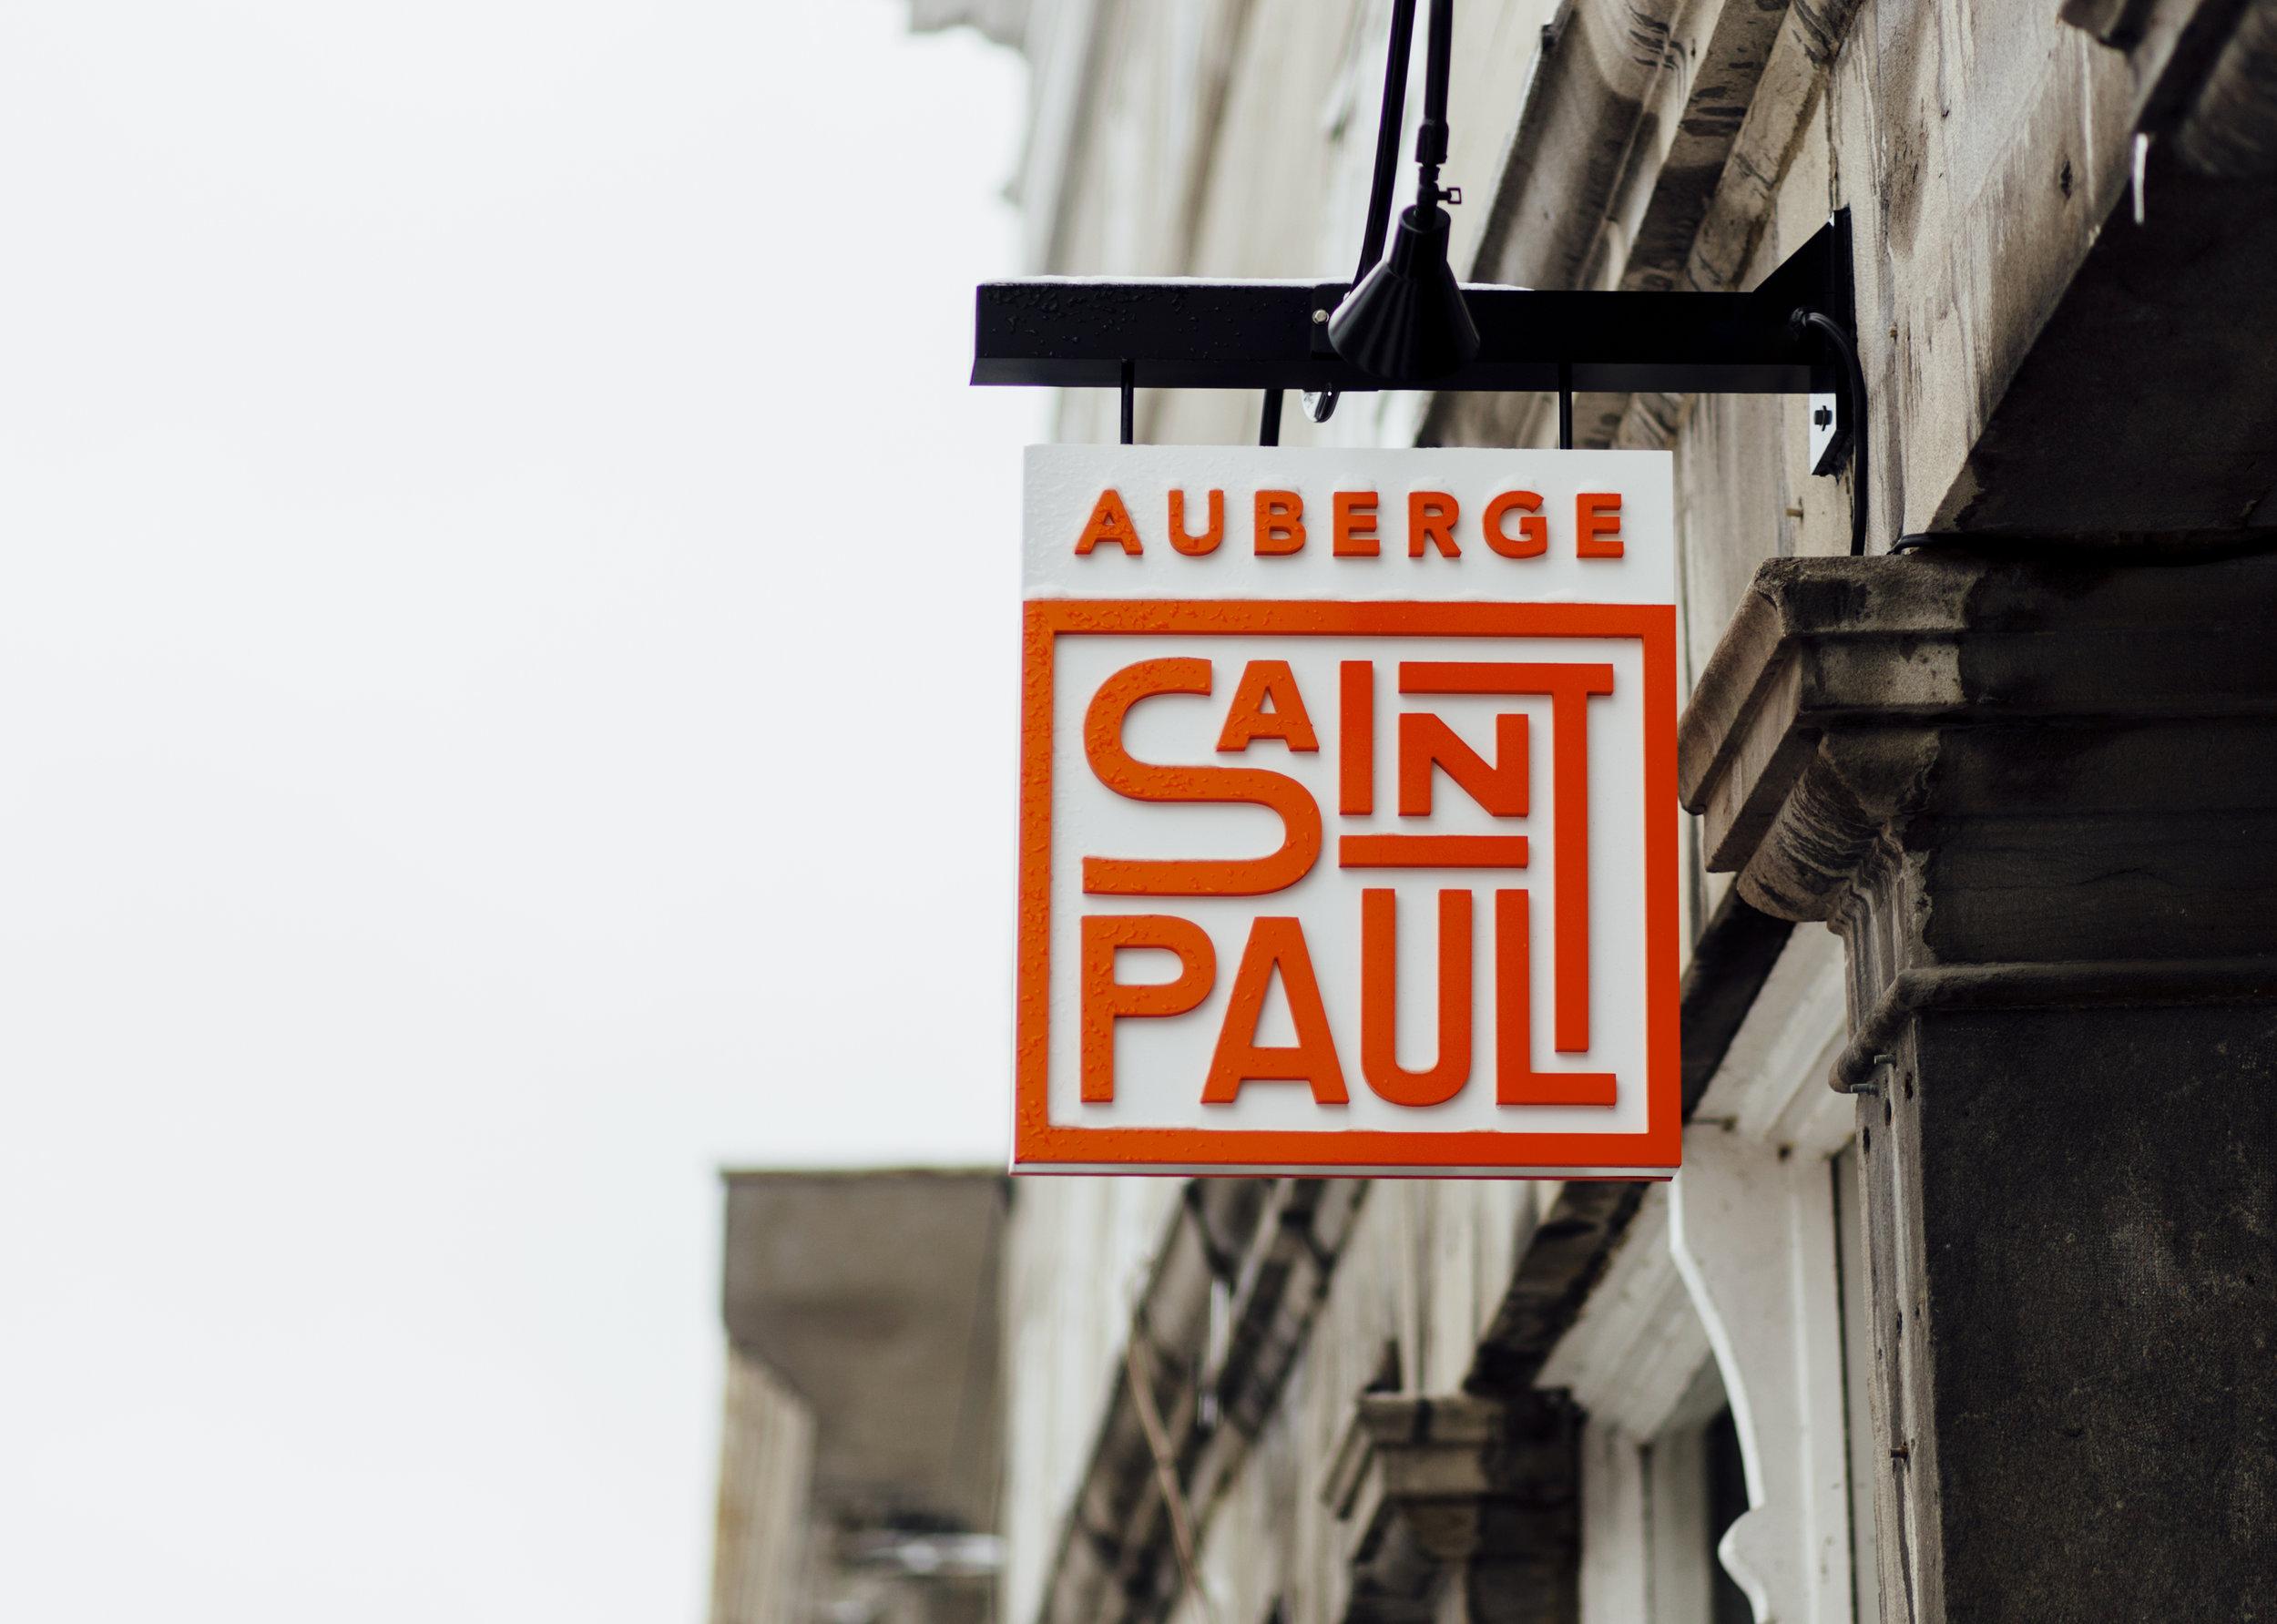 auberge_saint-paul.jpg